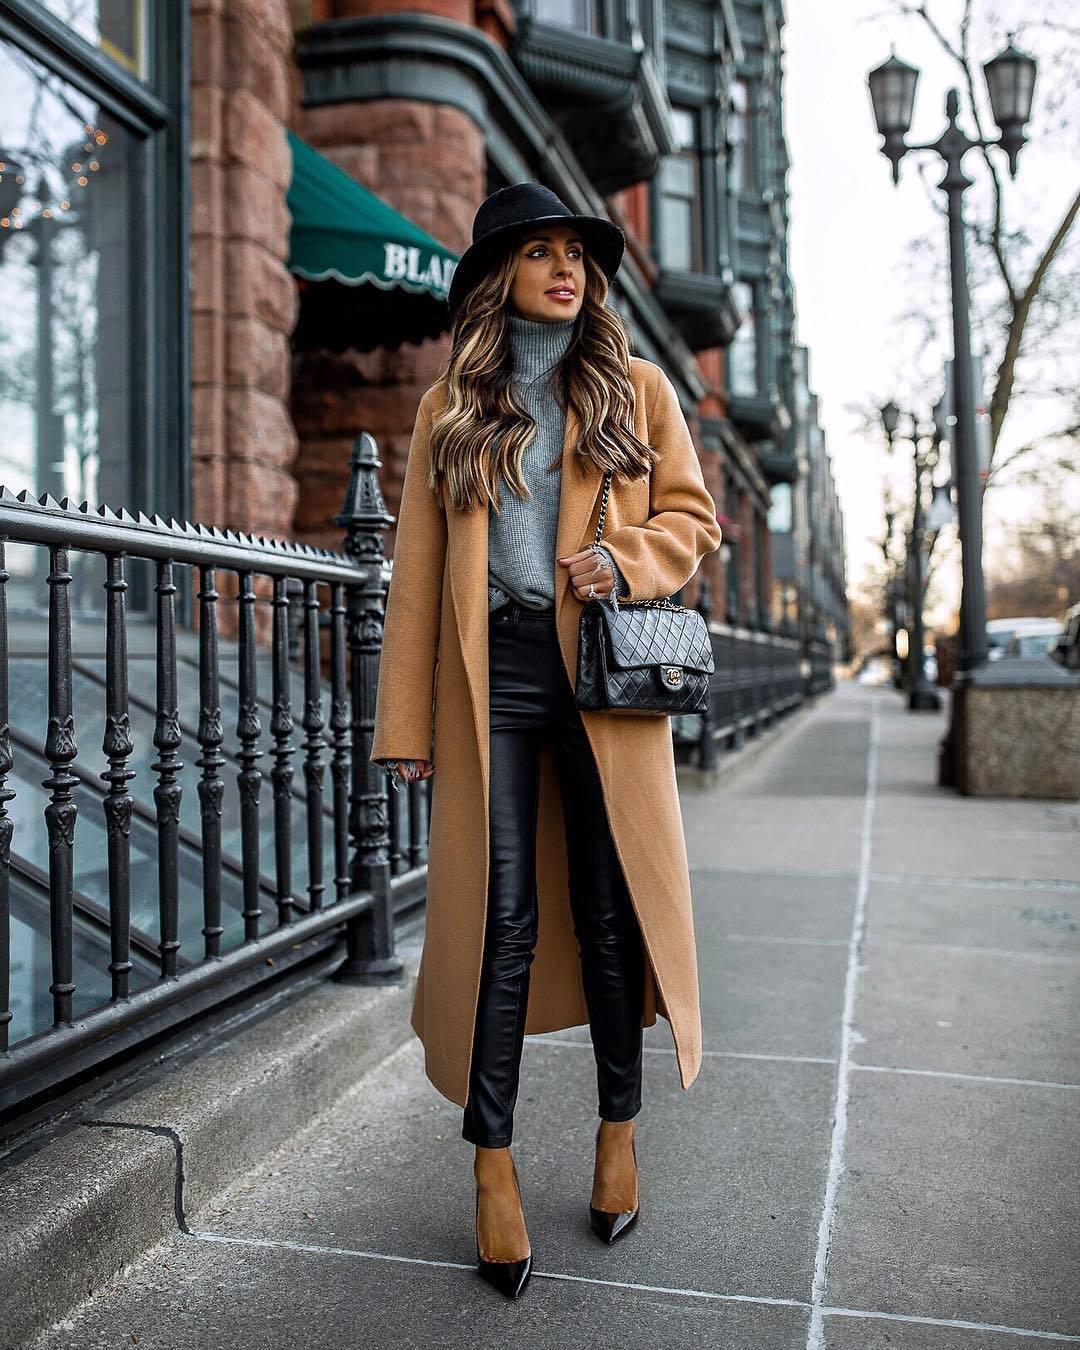 pants black leather pants skinny pants pumps camel coat chanel bag black bag turtleneck sweater felt hat